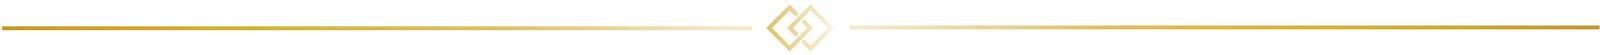 Trenner mit weddista-Logo